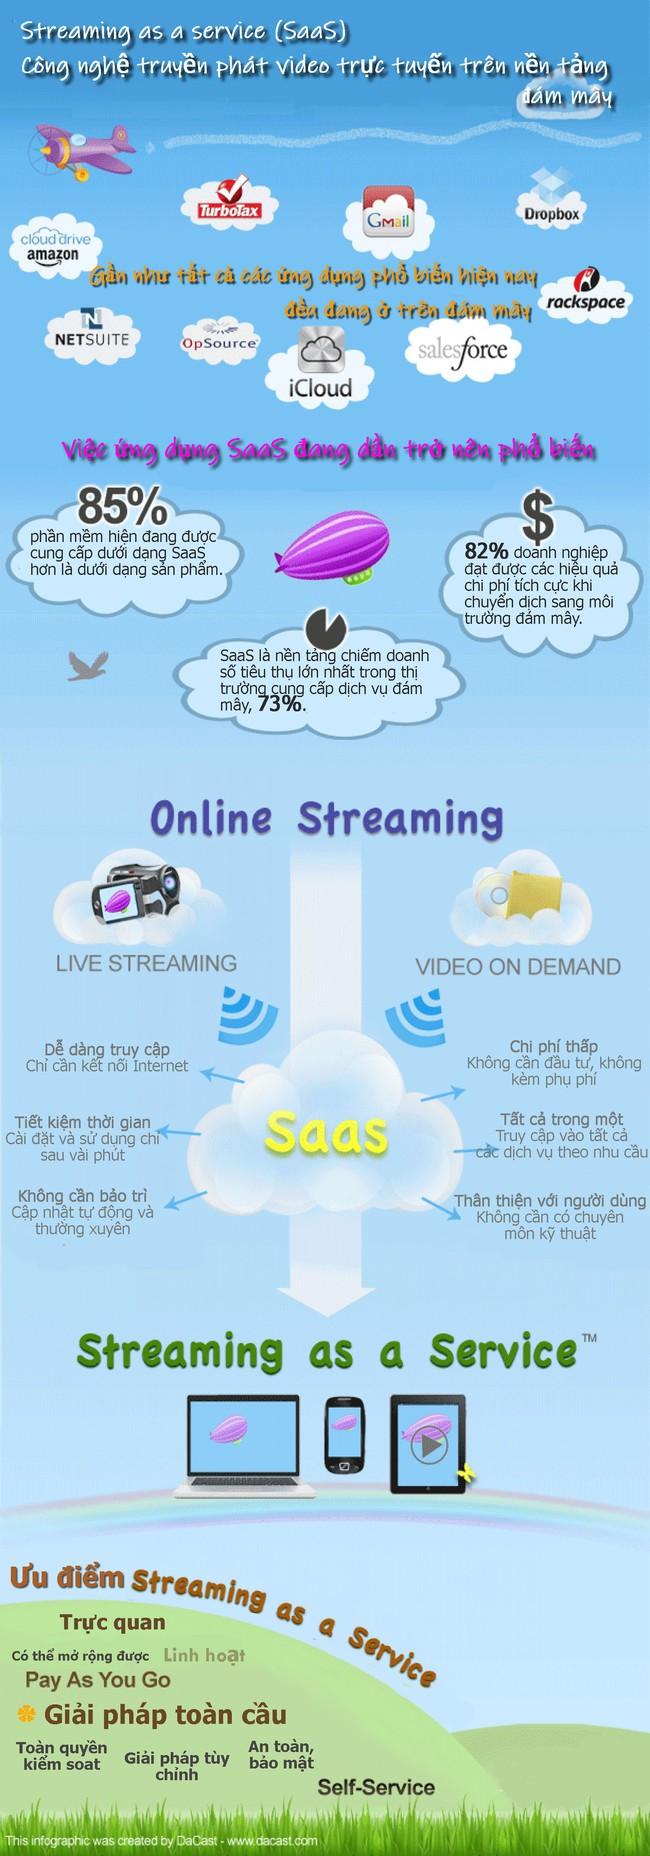 [Infographic] Streaming as a service (SaaS) – Công nghệ truyền phát video trực tuyến trên nền tảng đám mây - Ảnh 1.